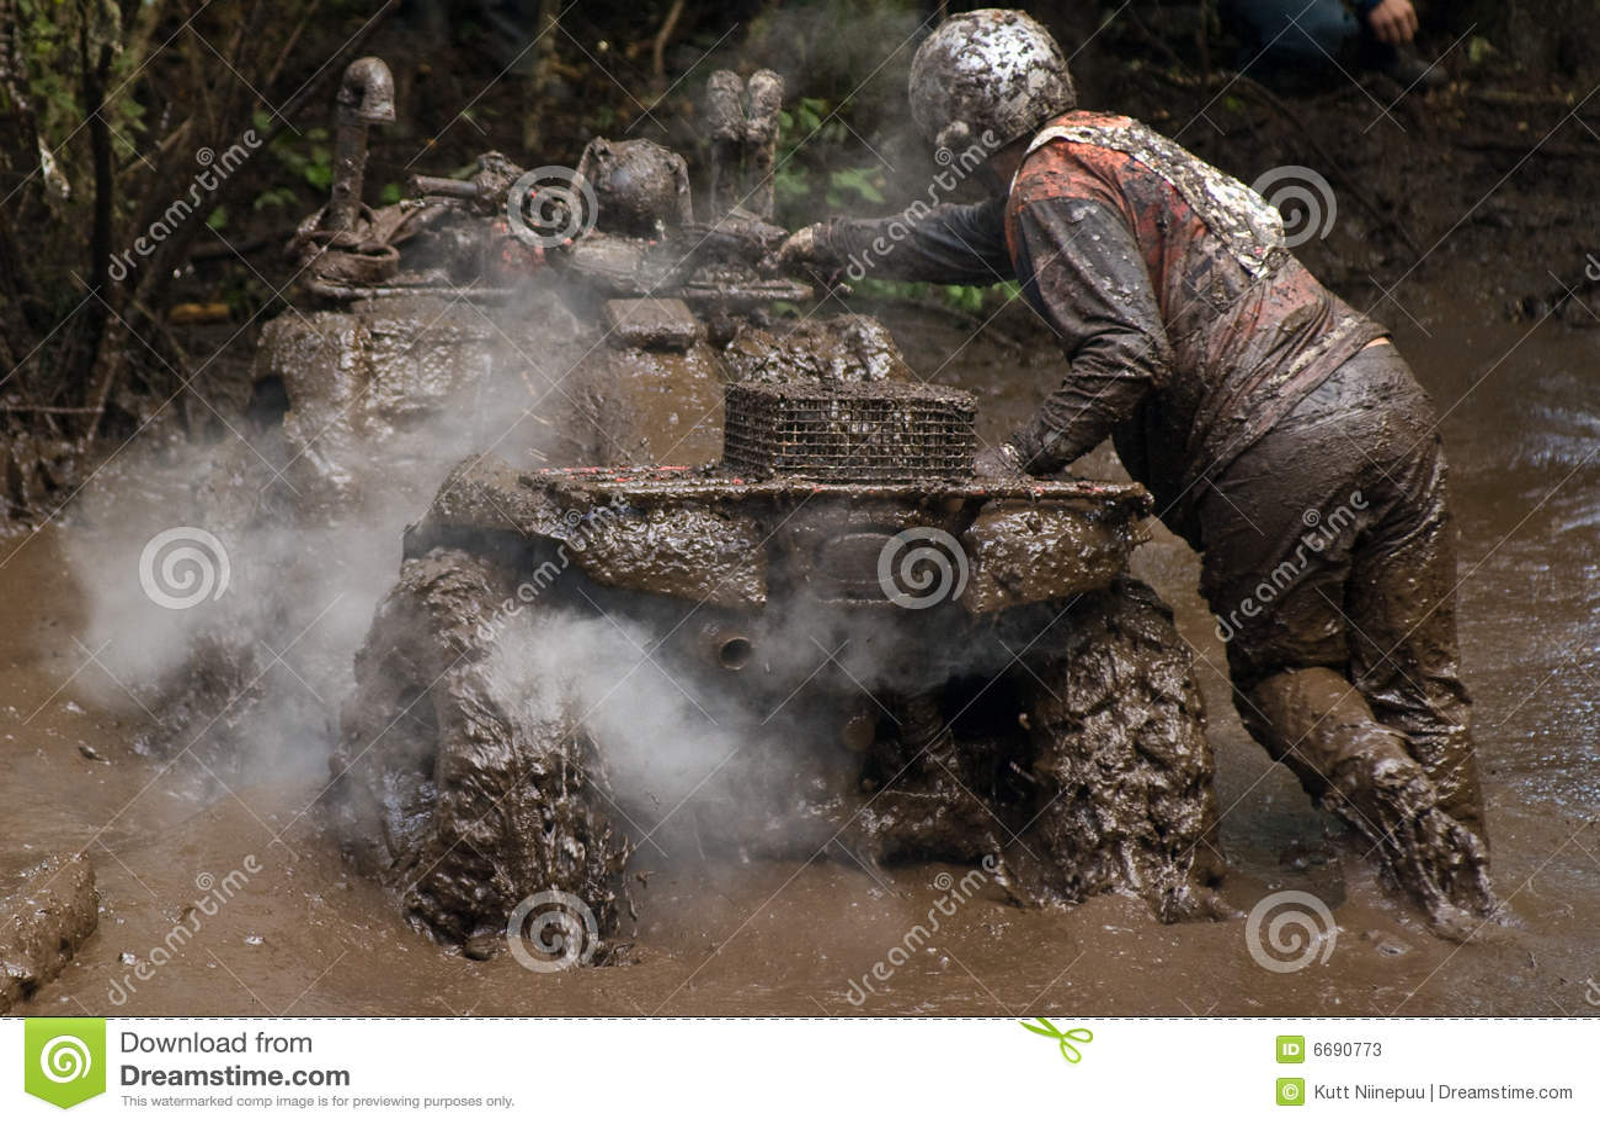 Pushing Through Dirt